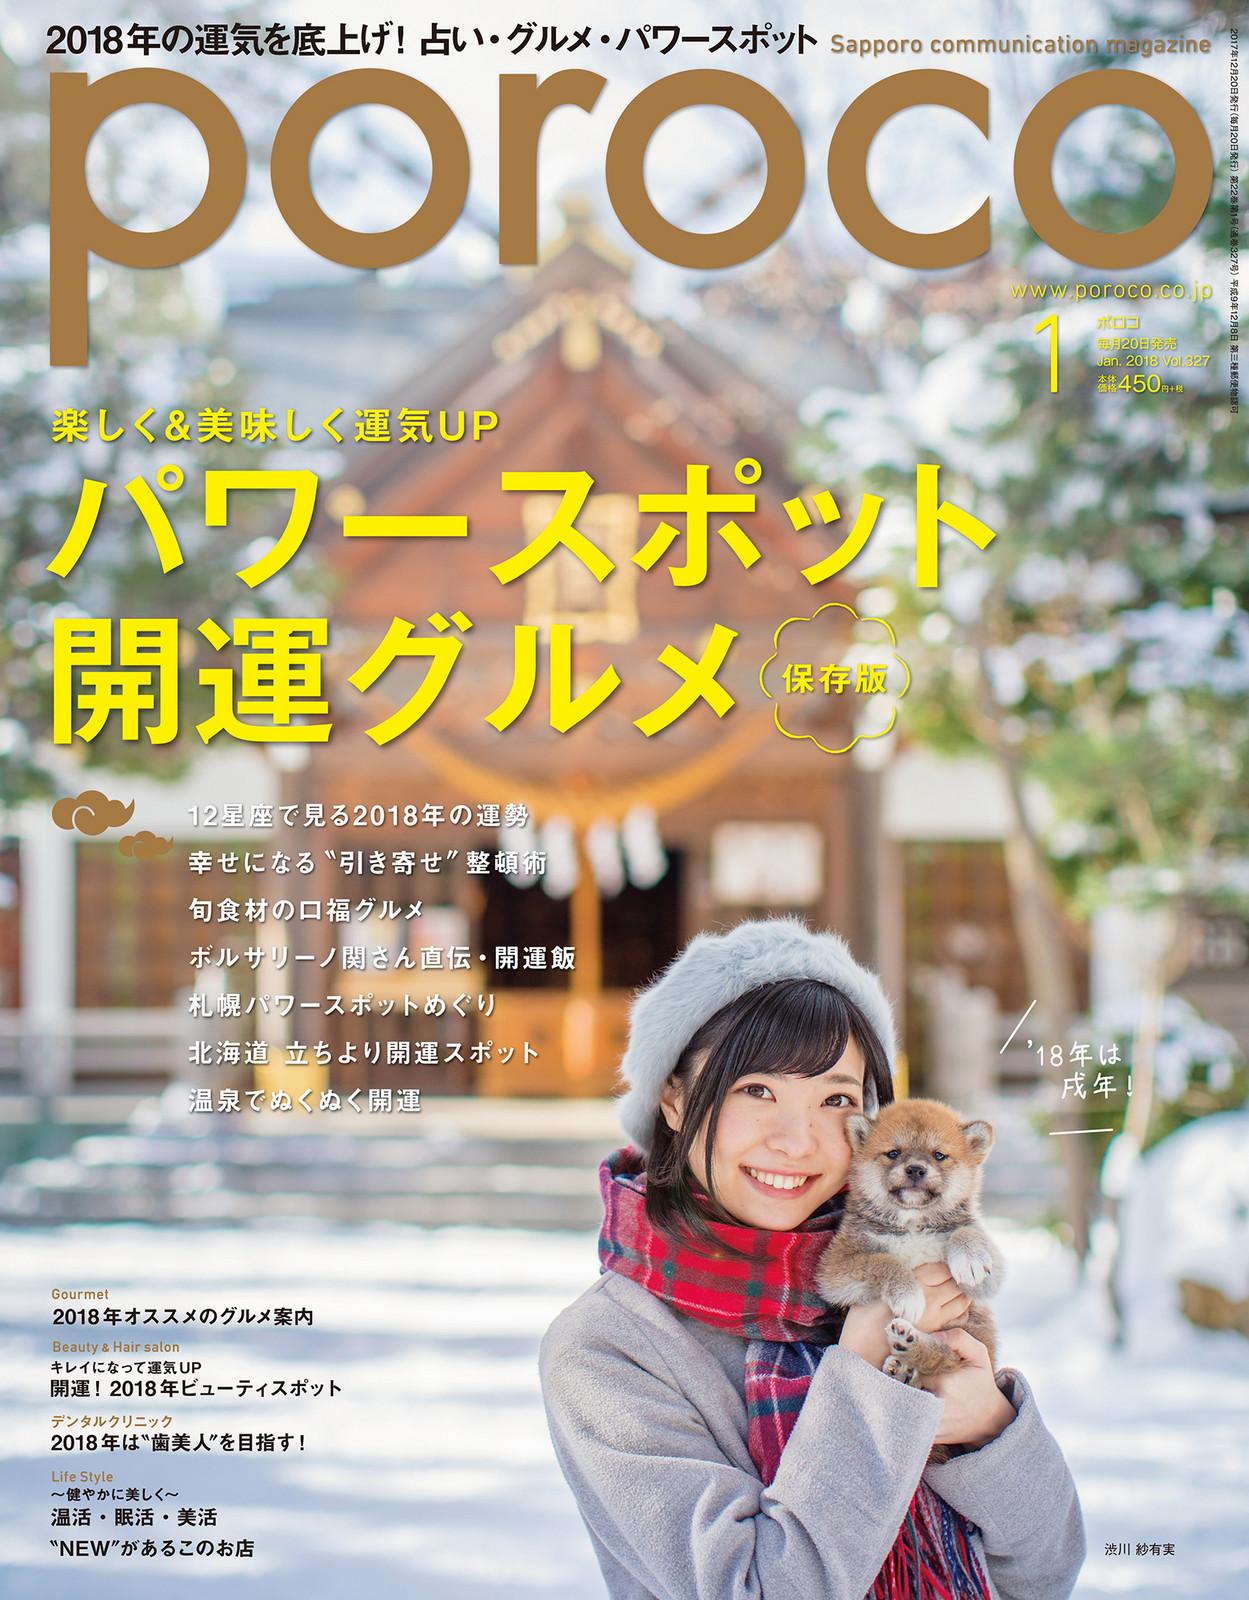 Poroco_cover1801s